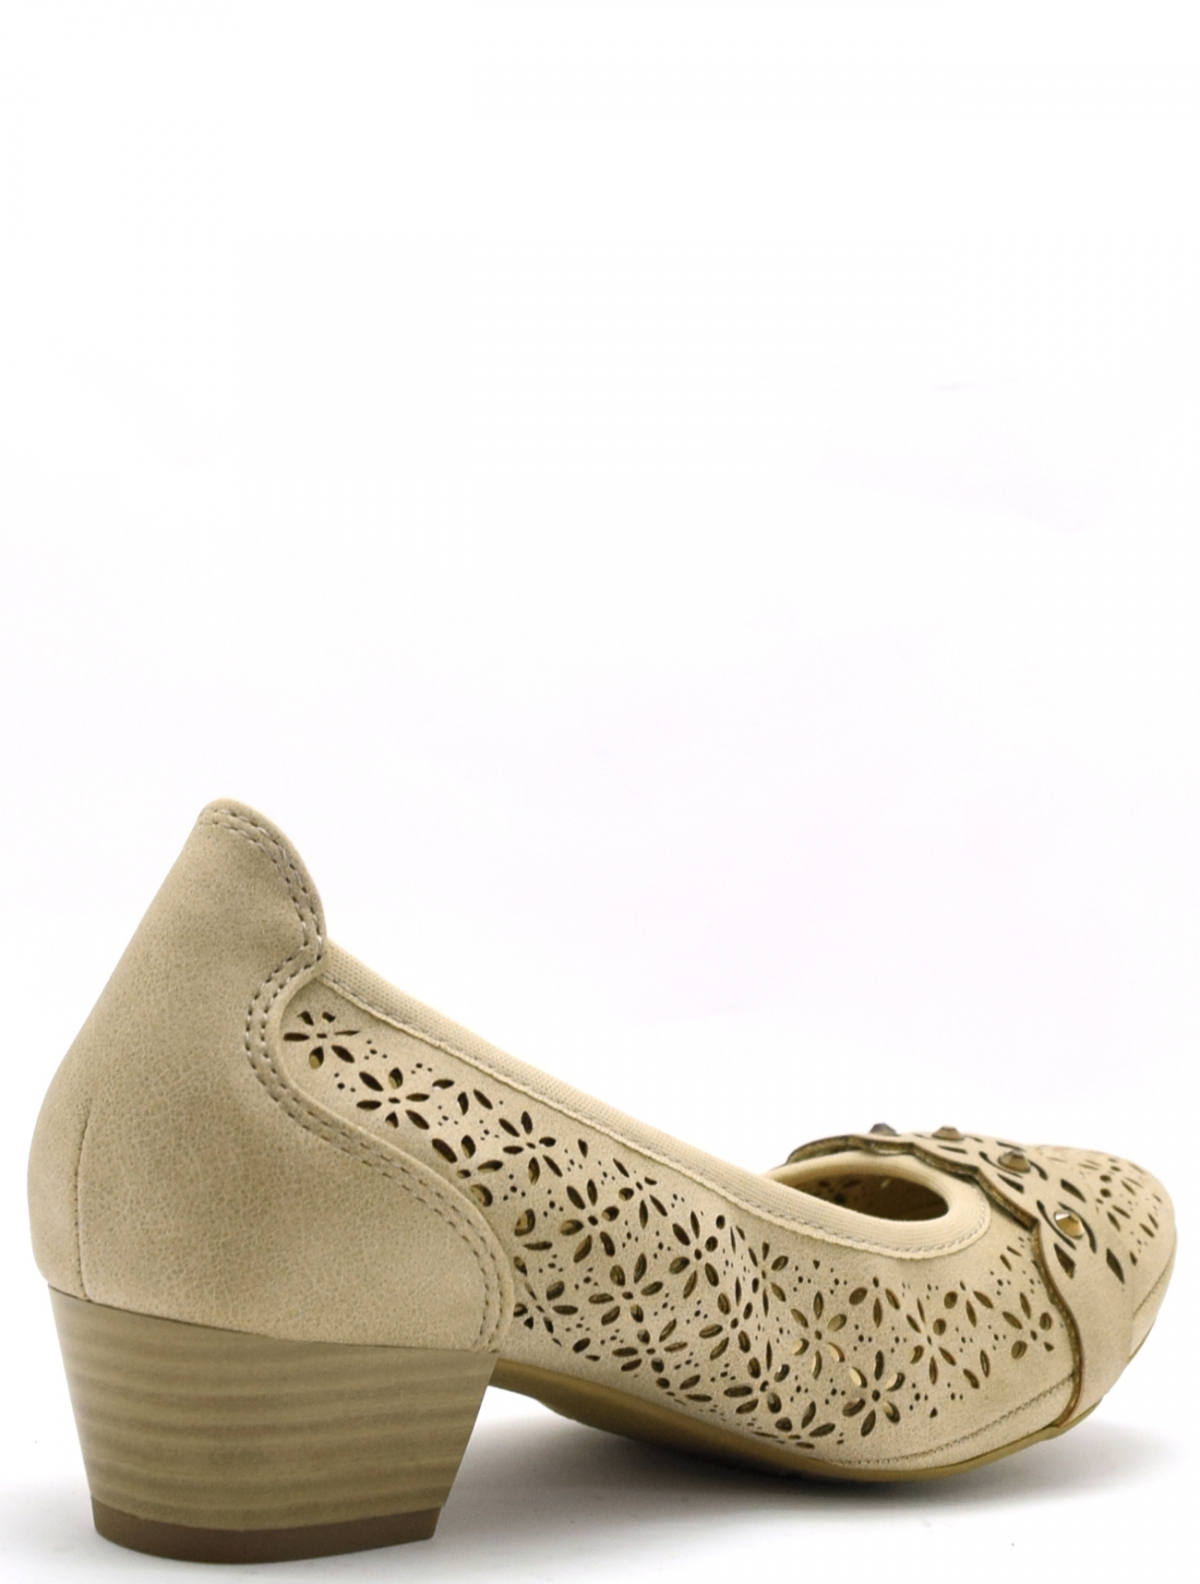 Marco Tozzi 2-22505-26-435 женские туфли